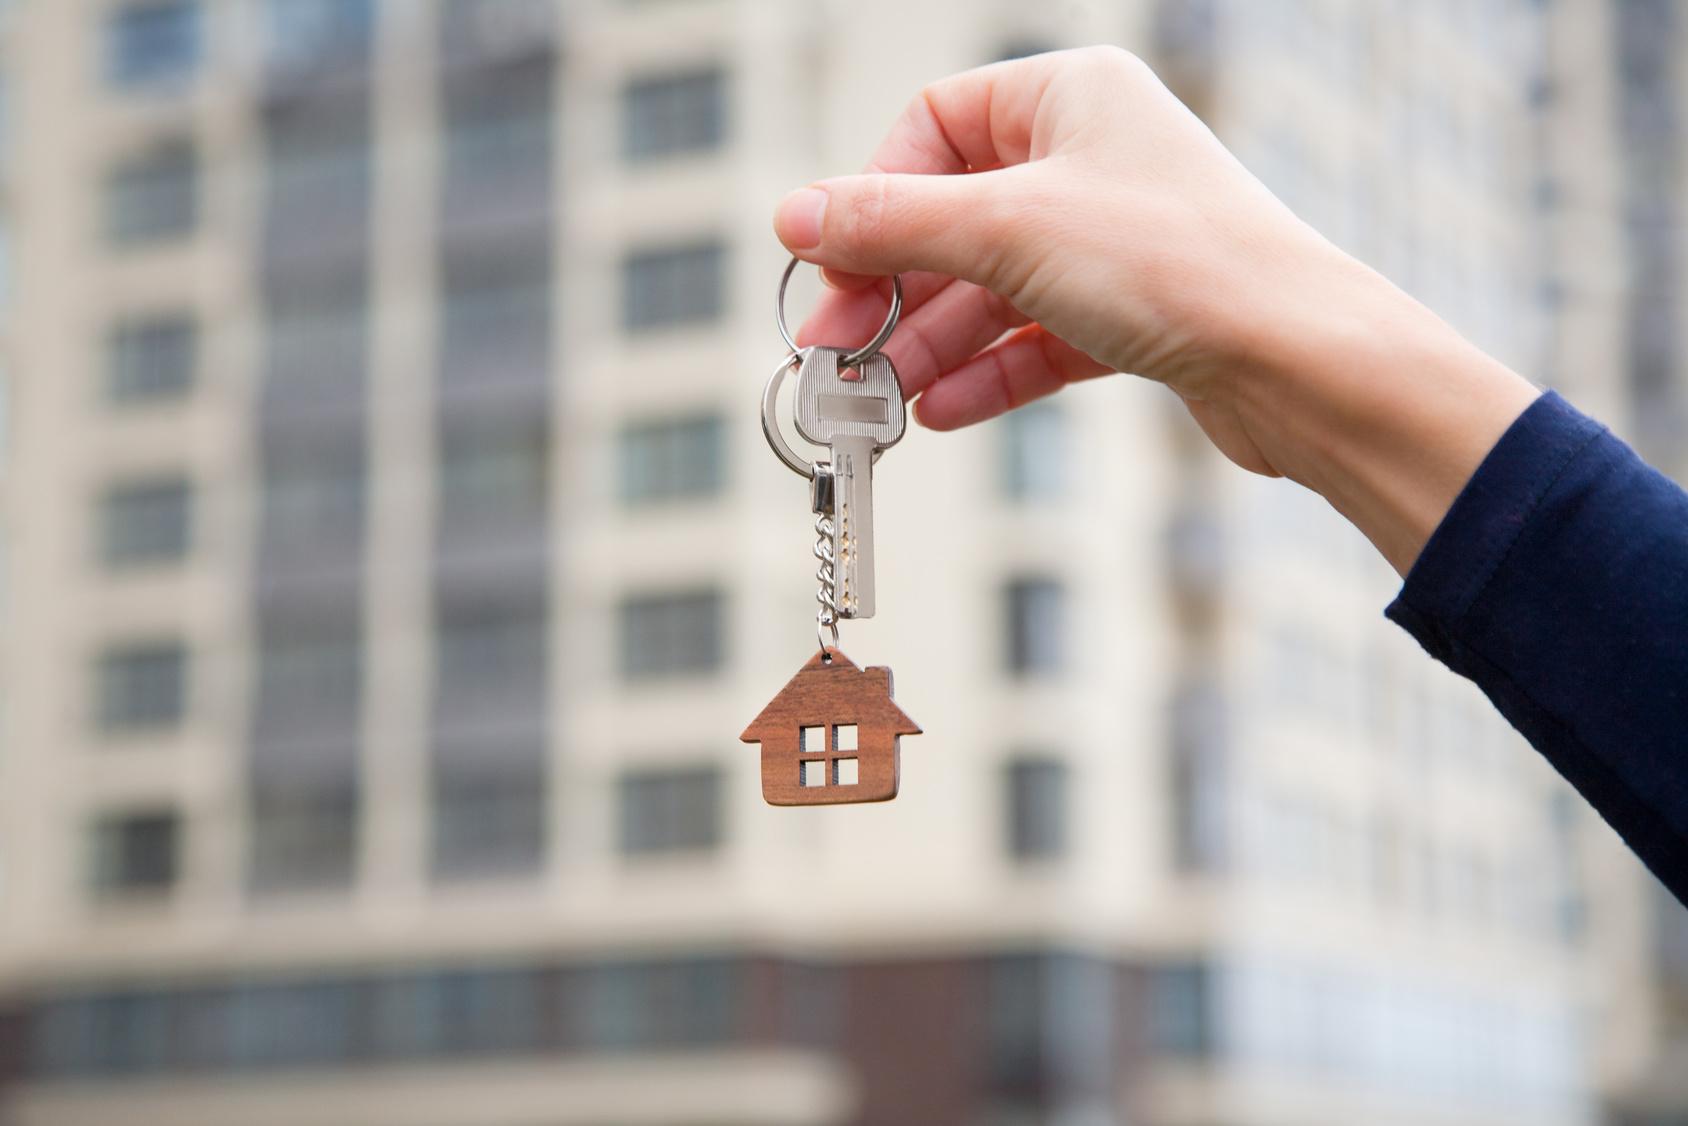 Программу льготной ипотеки продлят до 1 июля 2021 года